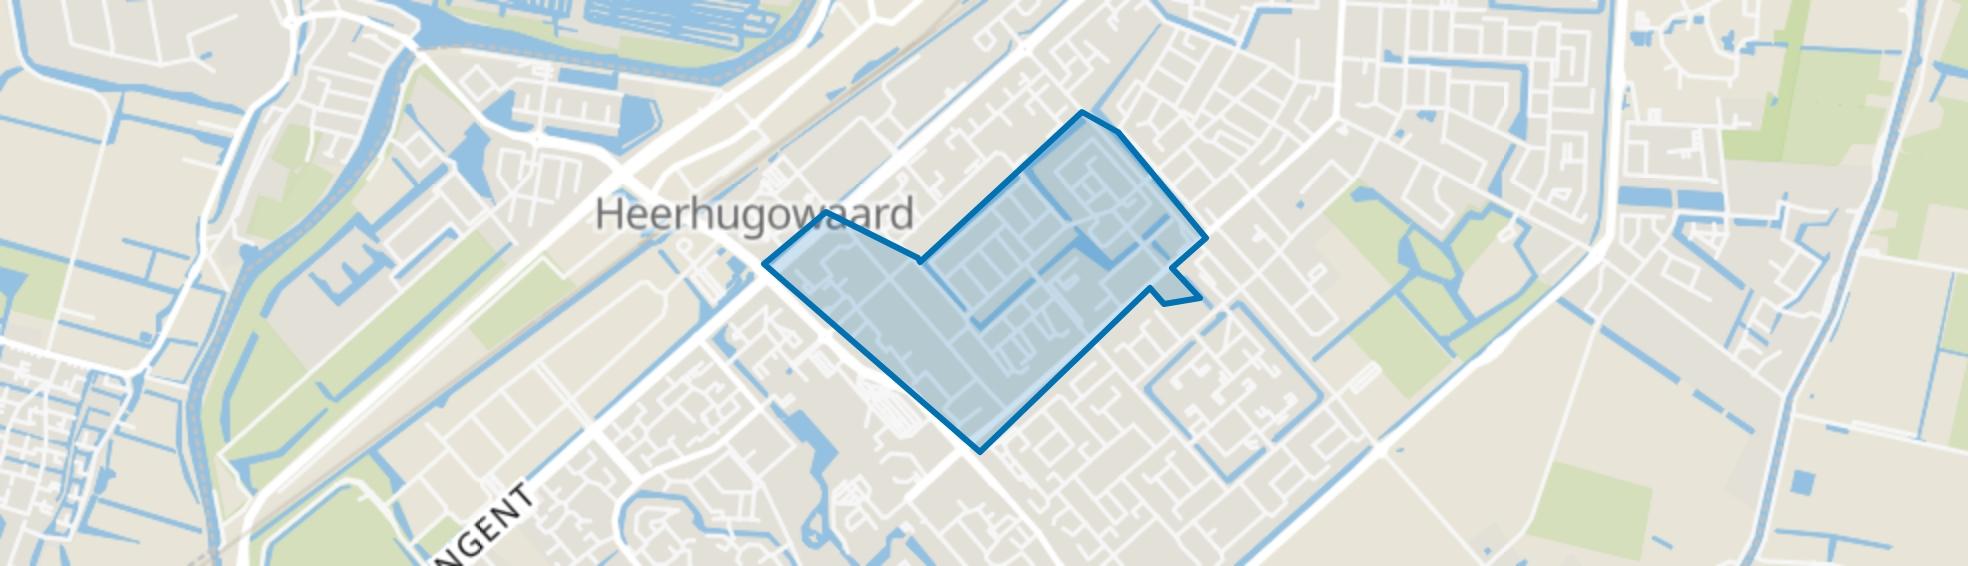 Schrijverswijk, Heerhugowaard map